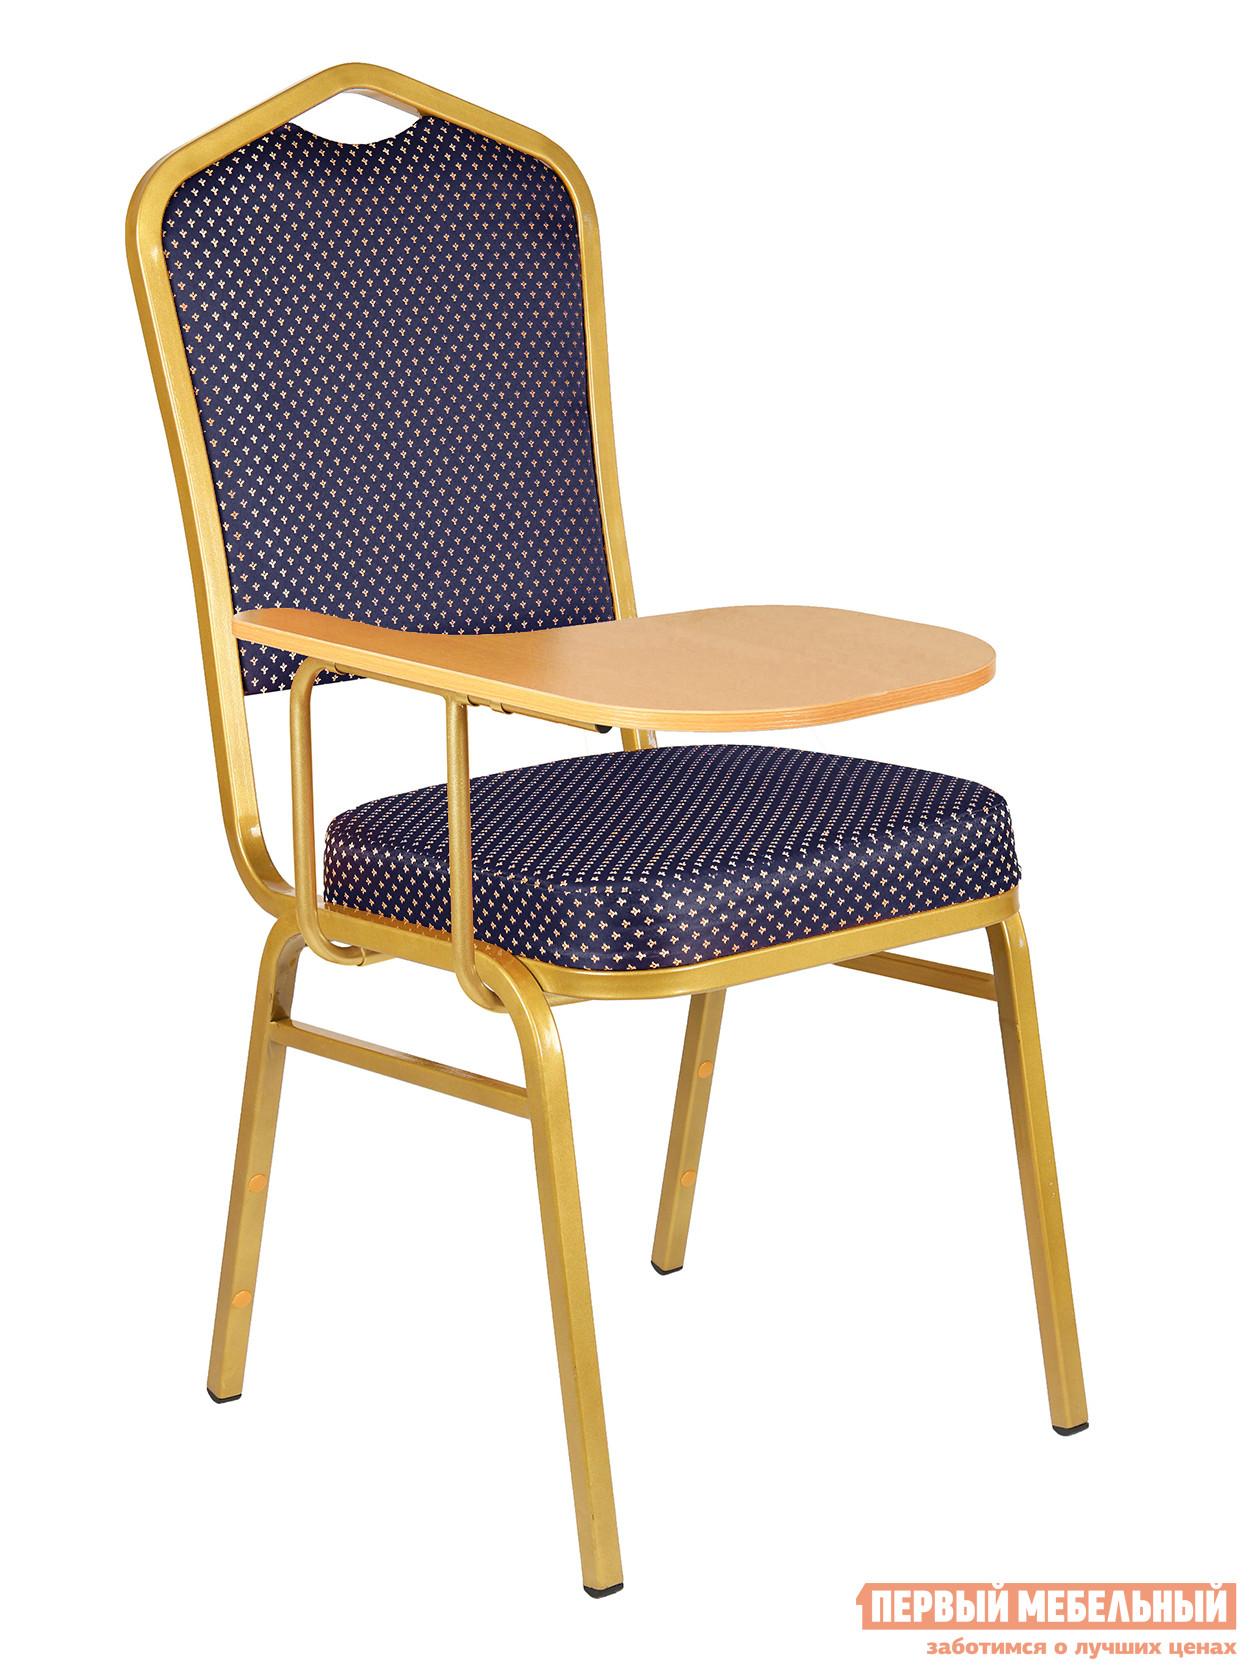 Банкетный стул с пюпитром Stool Group Квадро банкетный стул stool group прато